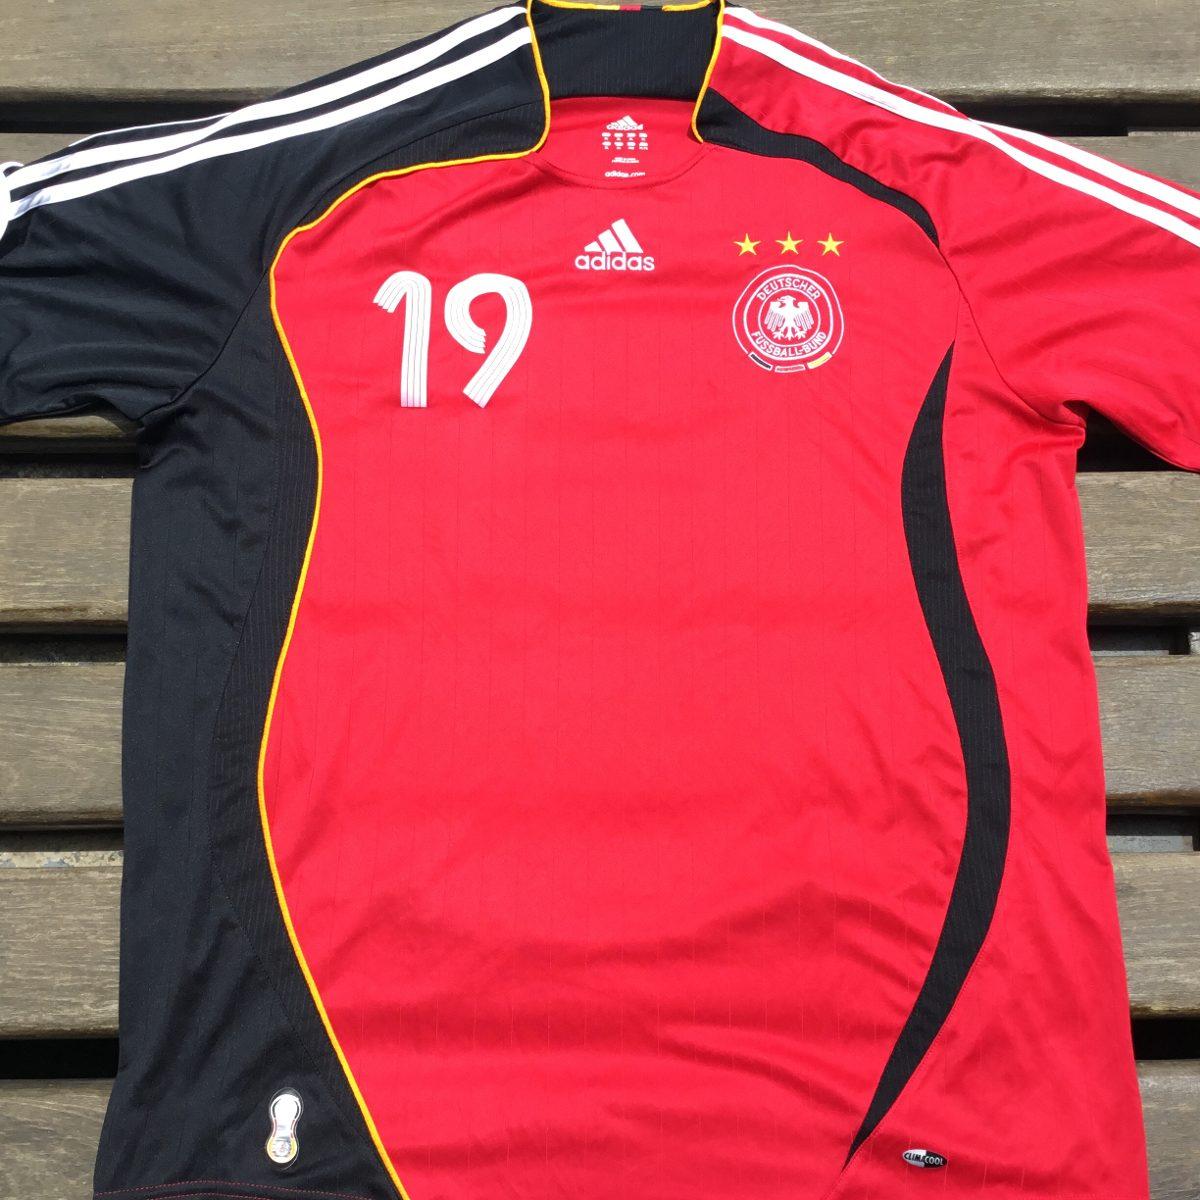 alemanha camisa futebol copa do mundo 2006 adidas com patch. Carregando  zoom. f951a45250671